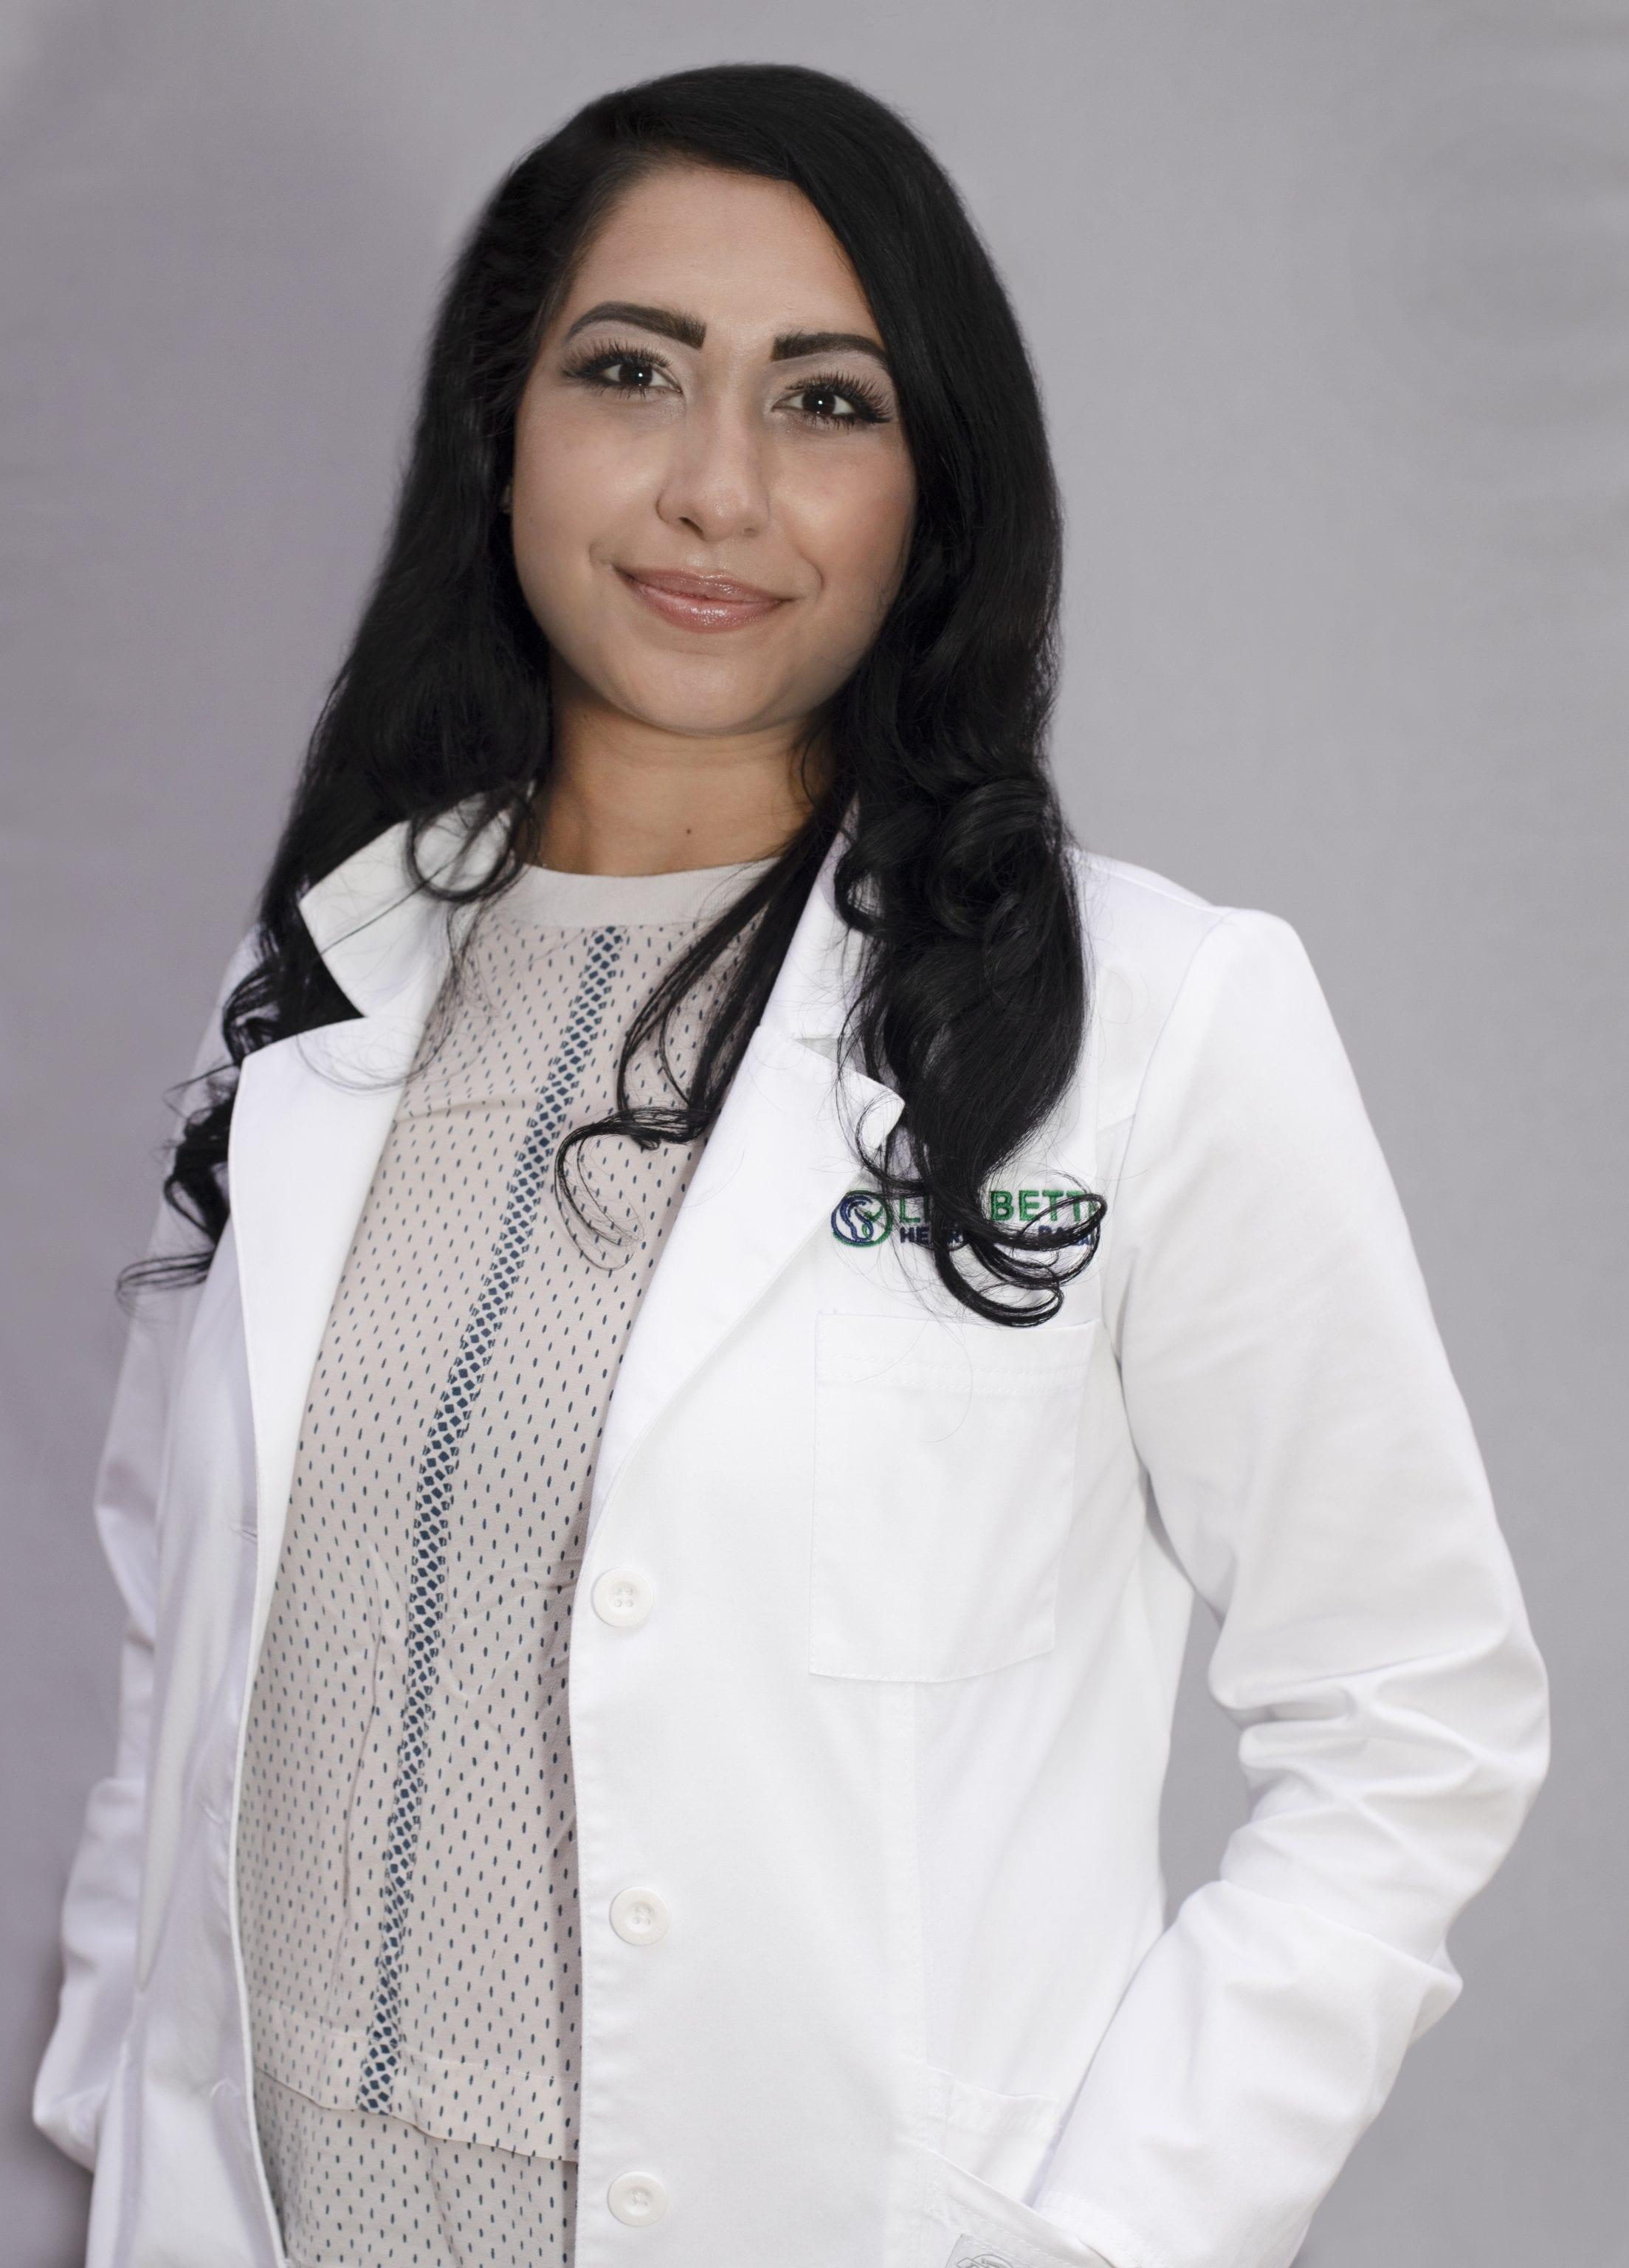 Alyssa Bhat headshot 4